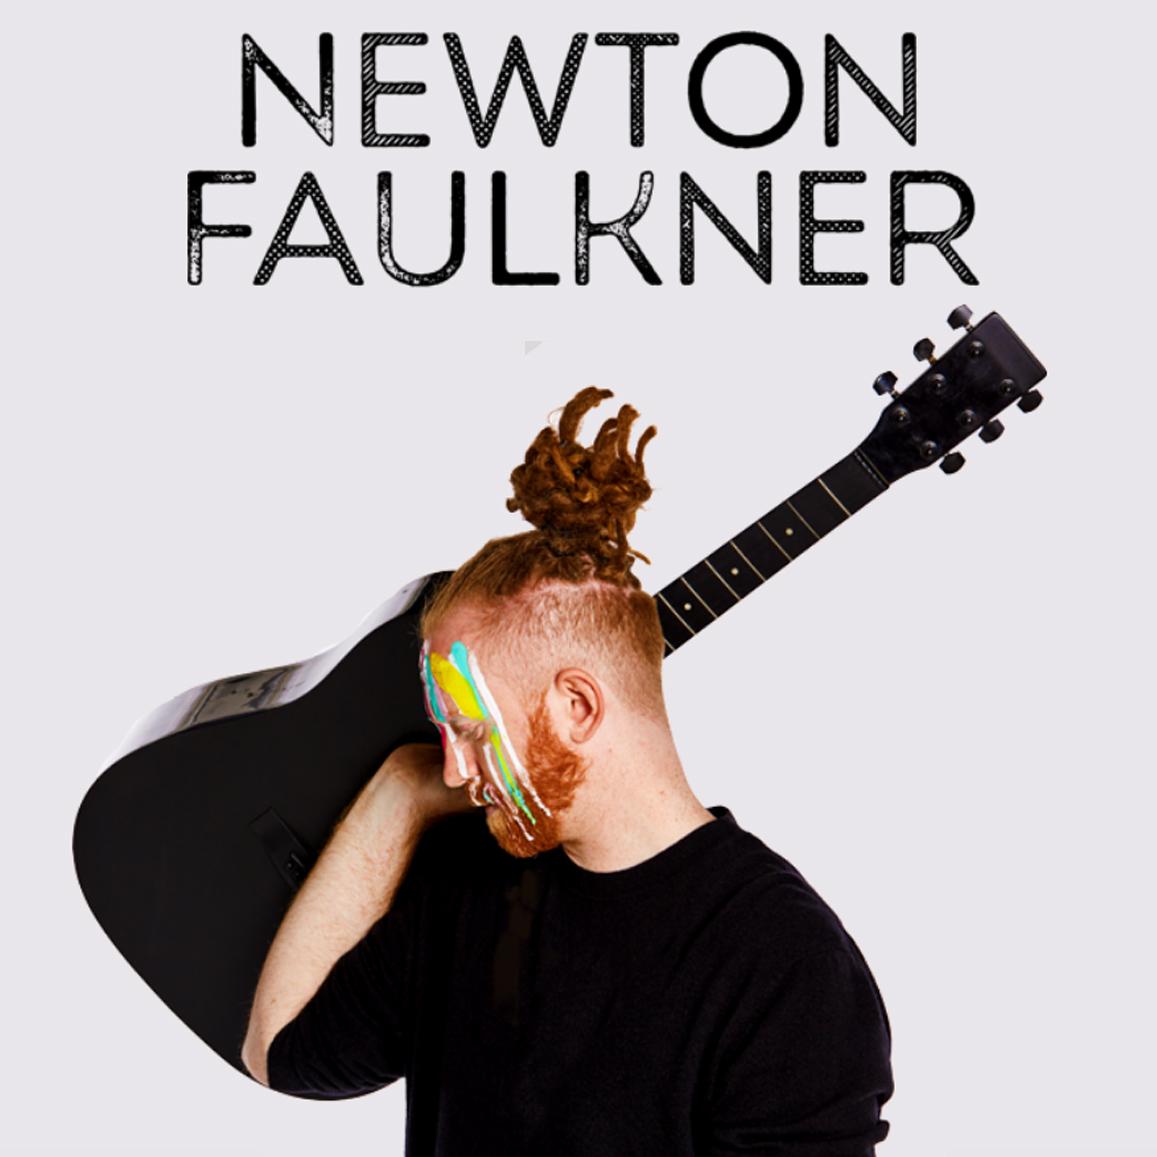 newtonfaulkner.jpg